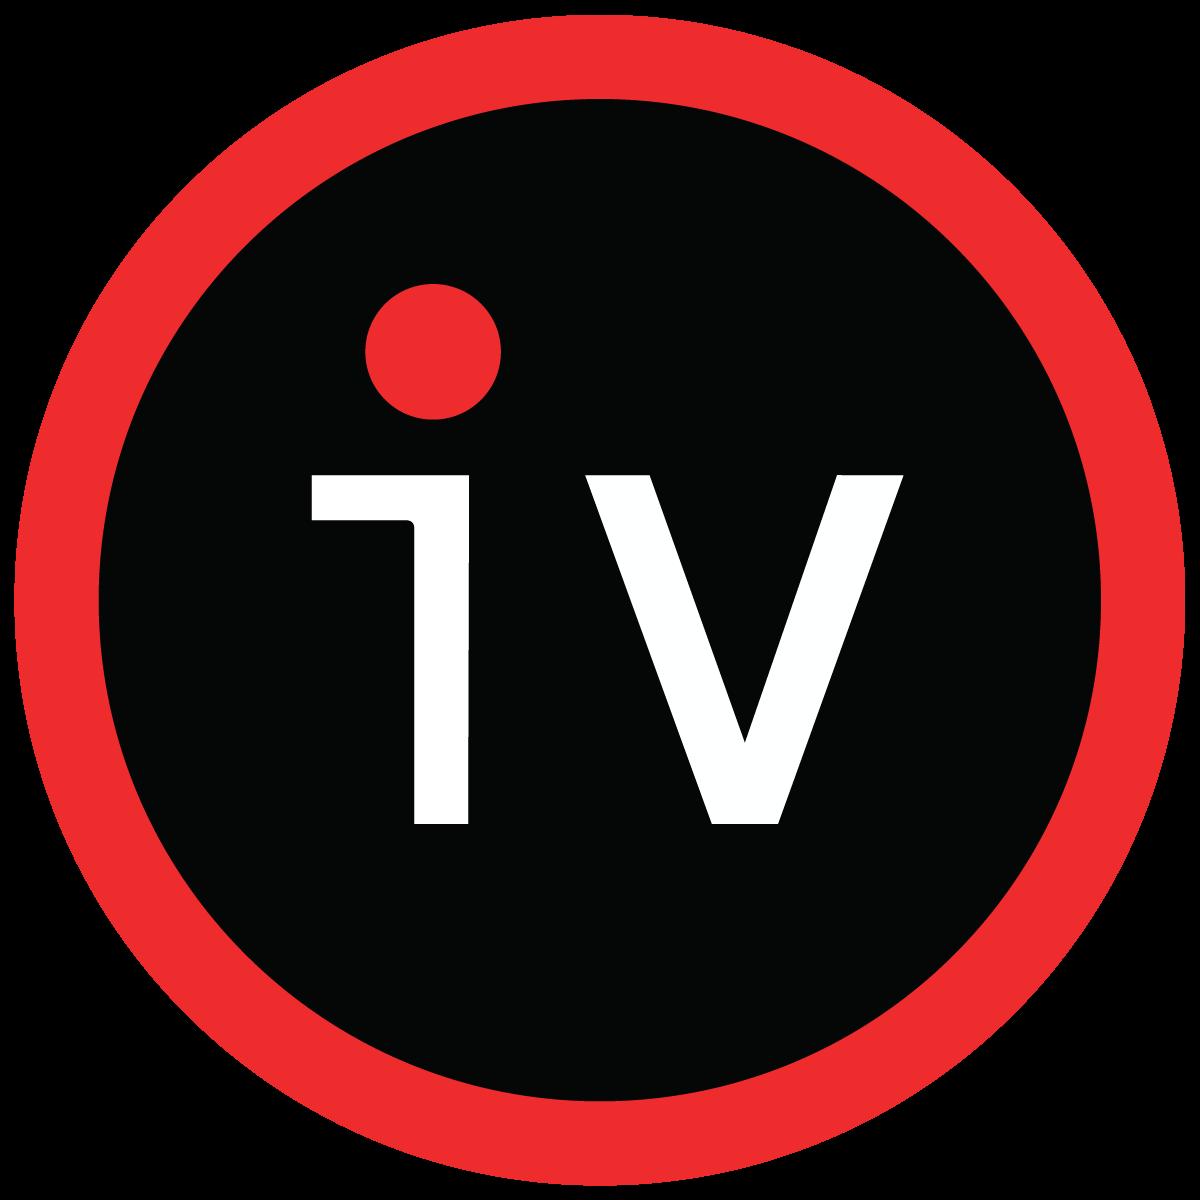 iV Audio Branding